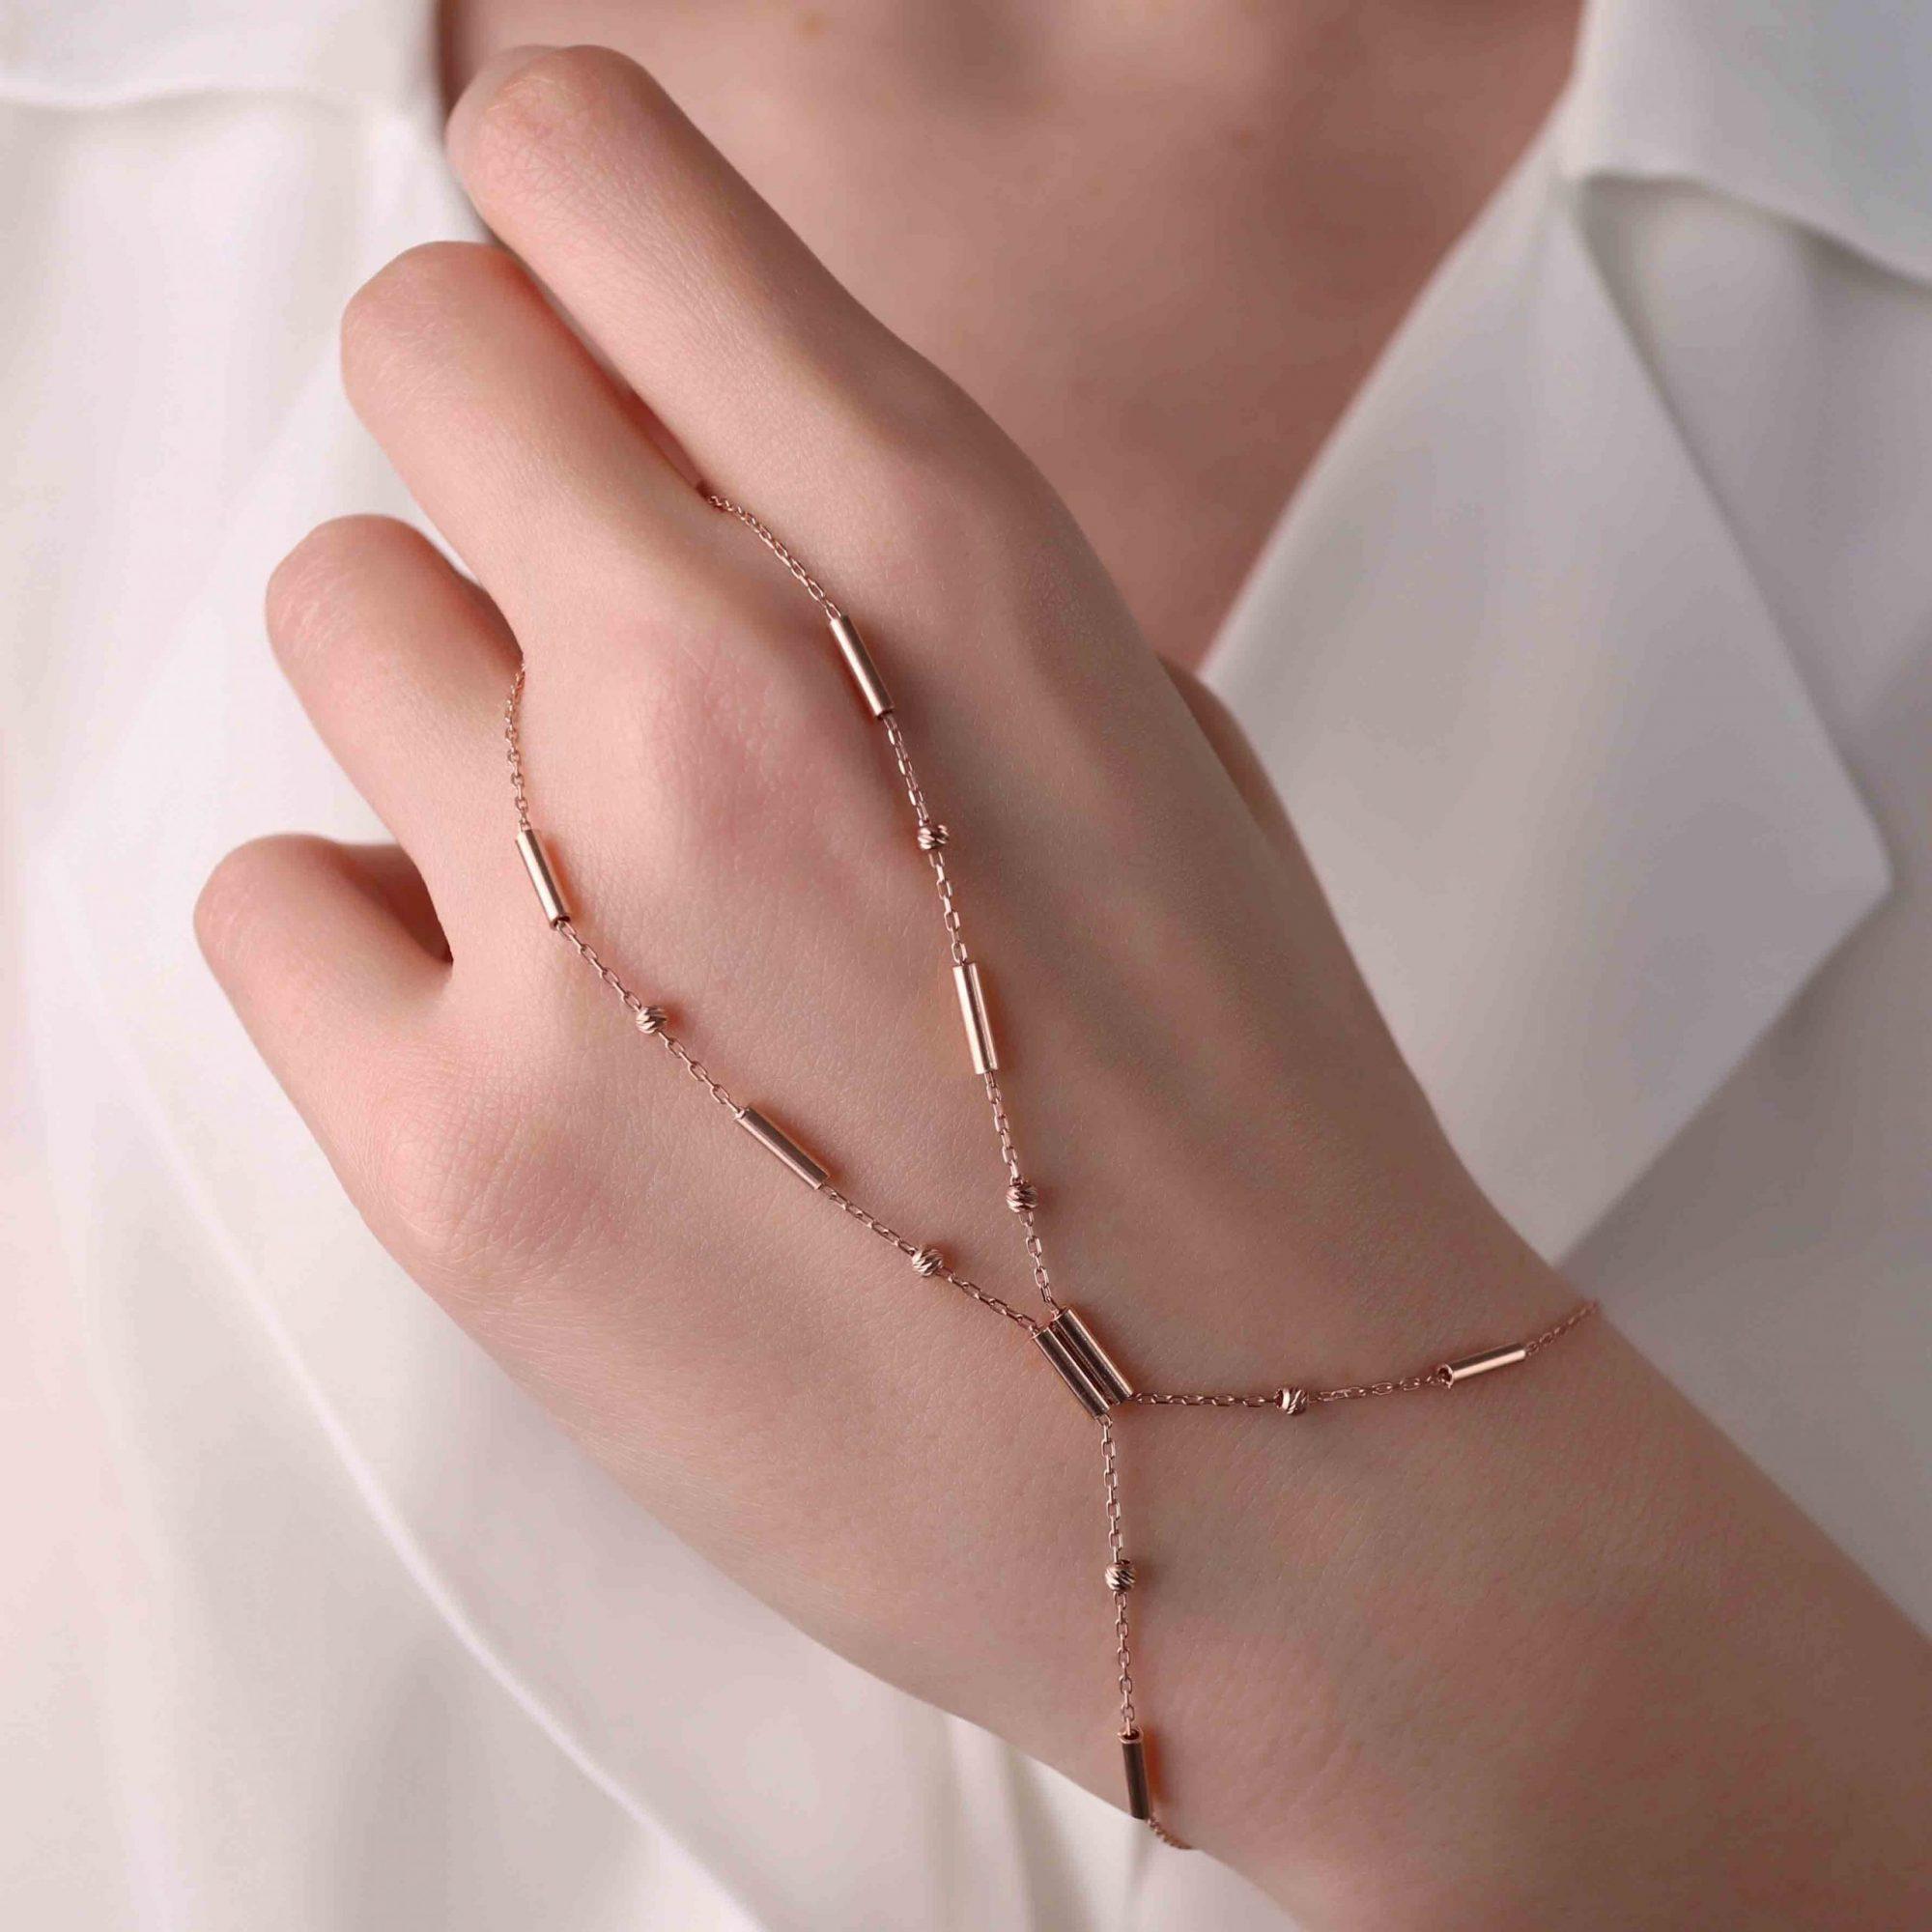 Rose - 925 Ayar Gümüş Zincir Tasarım Şahmeran